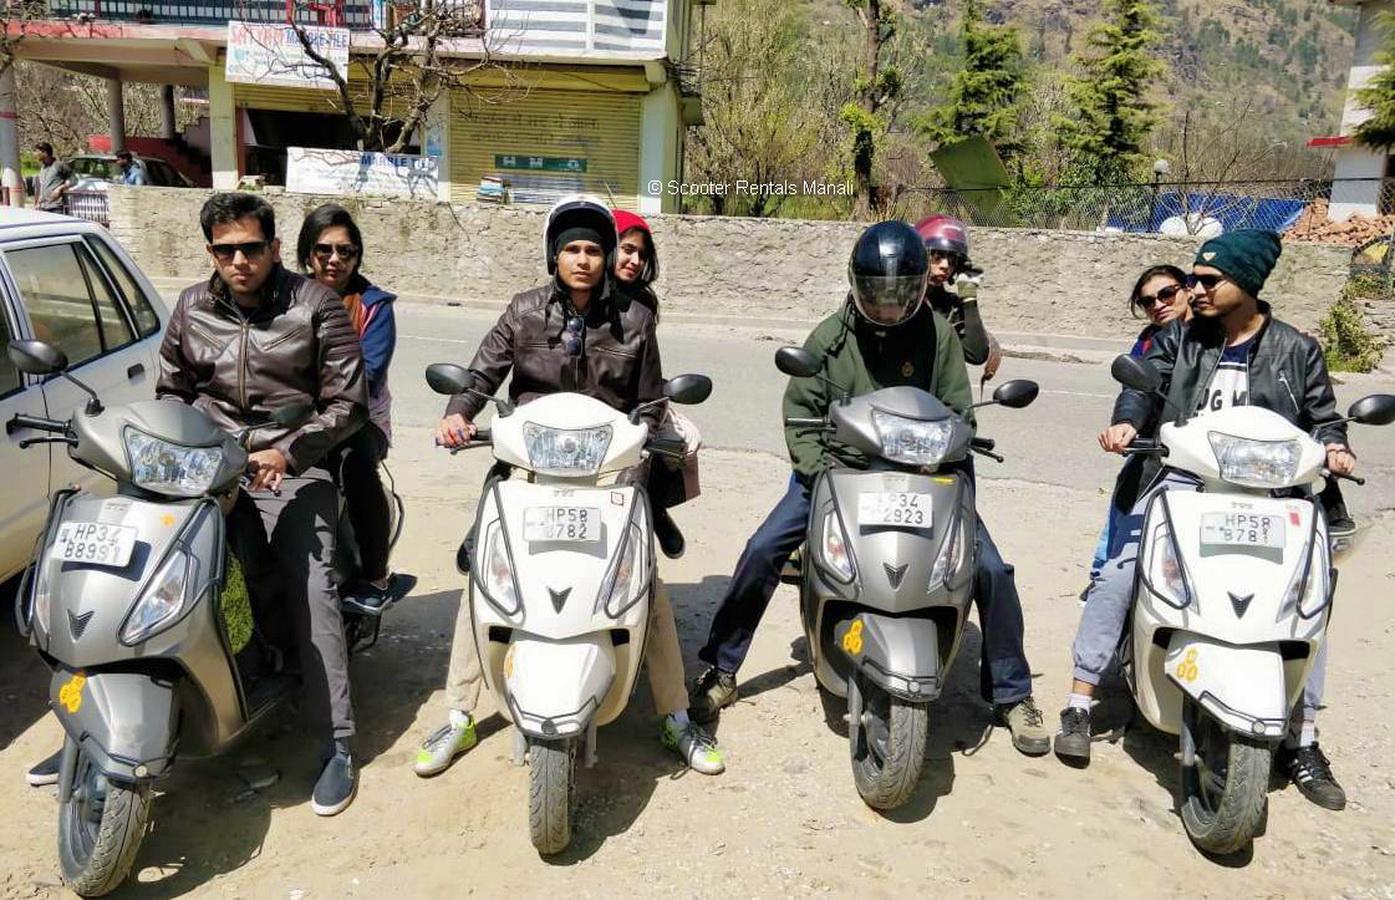 ScooterRentalsManali-130